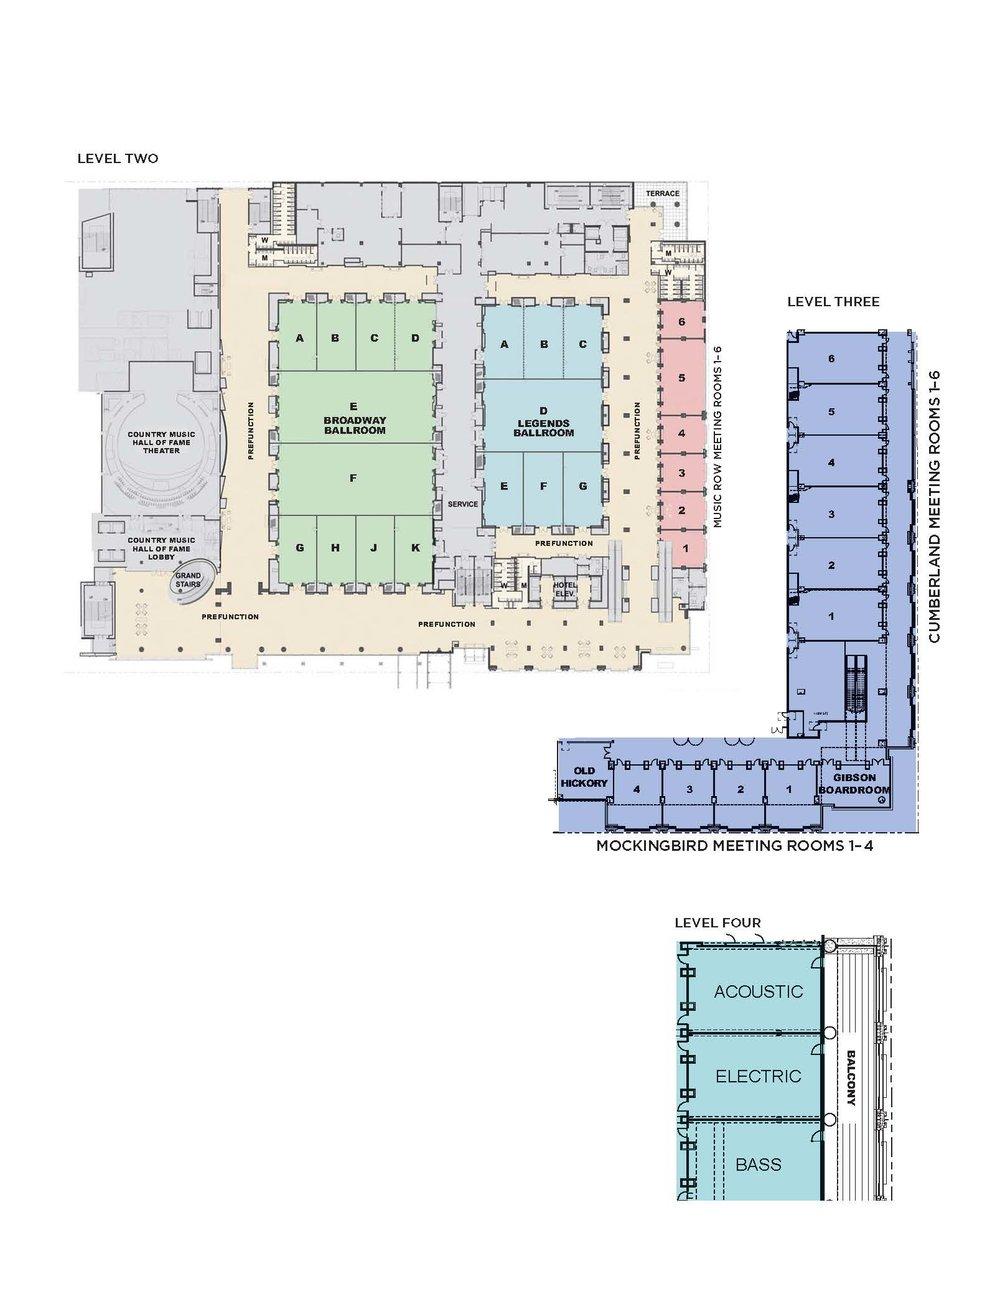 OMNI-meeting floor.jpg